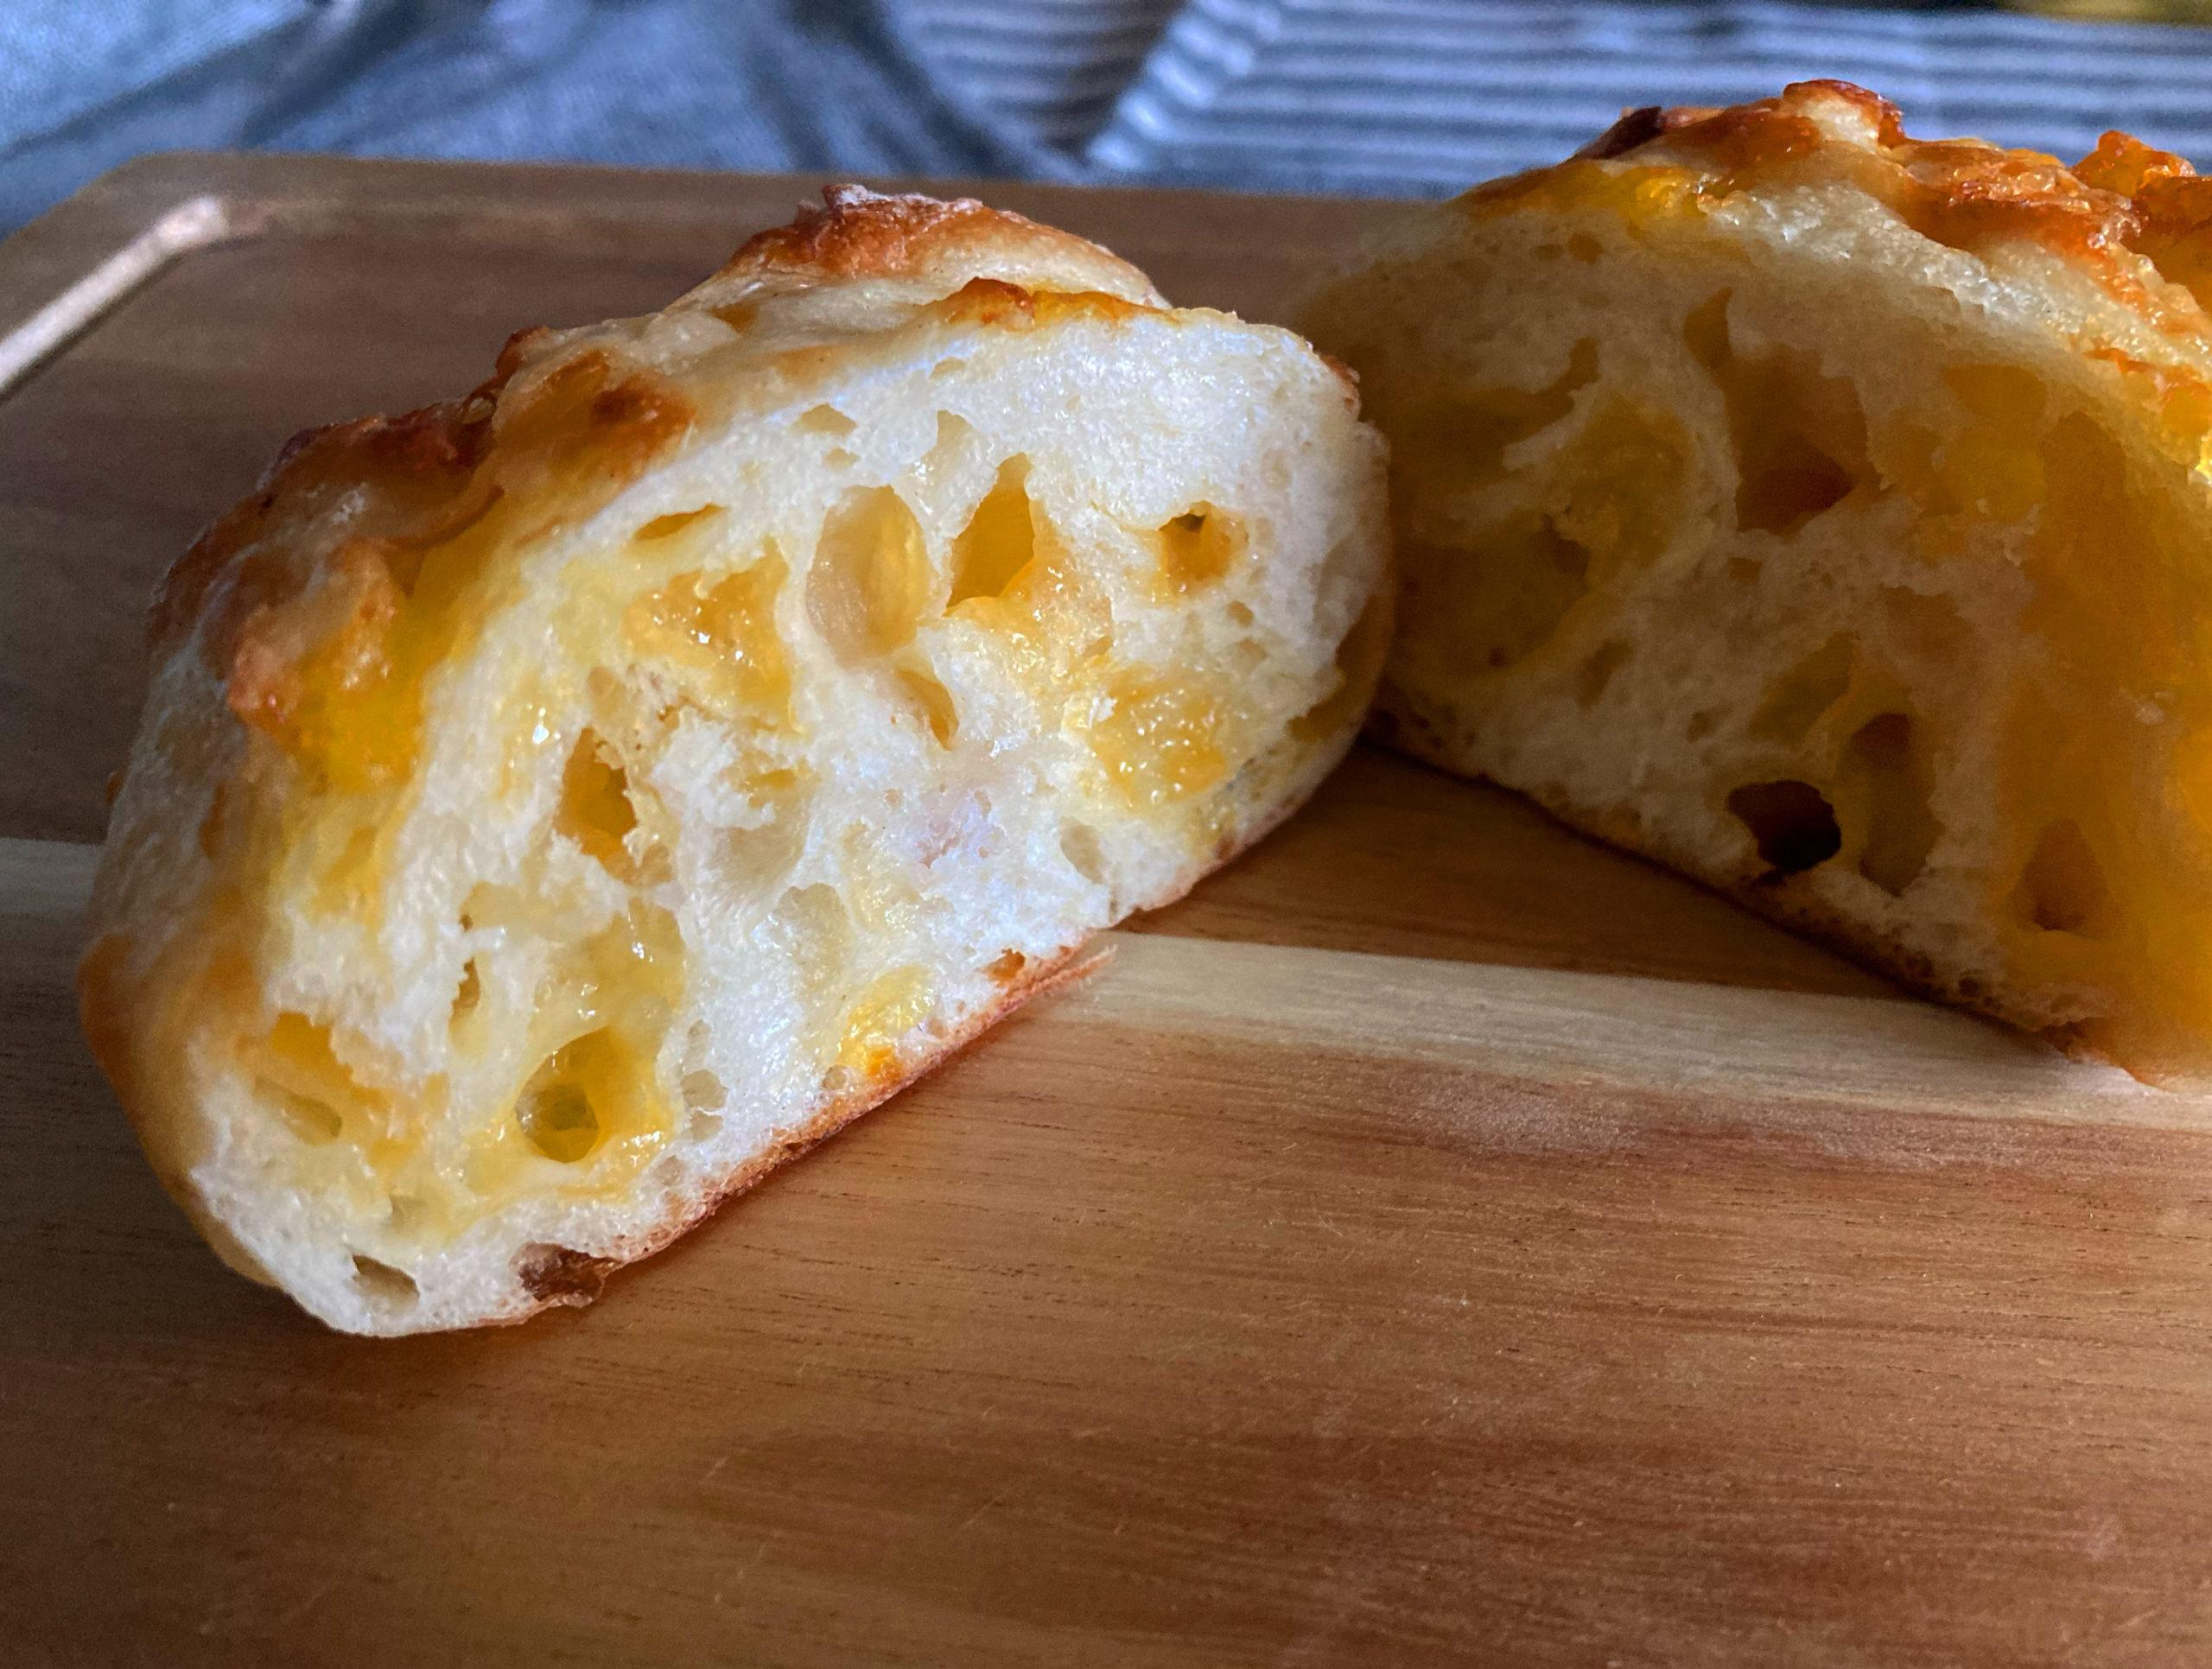 植田|フランスで学んだ伝統製法を守り丁寧に焼き上げる!品揃えも豊富な心温まる町のパン屋さん